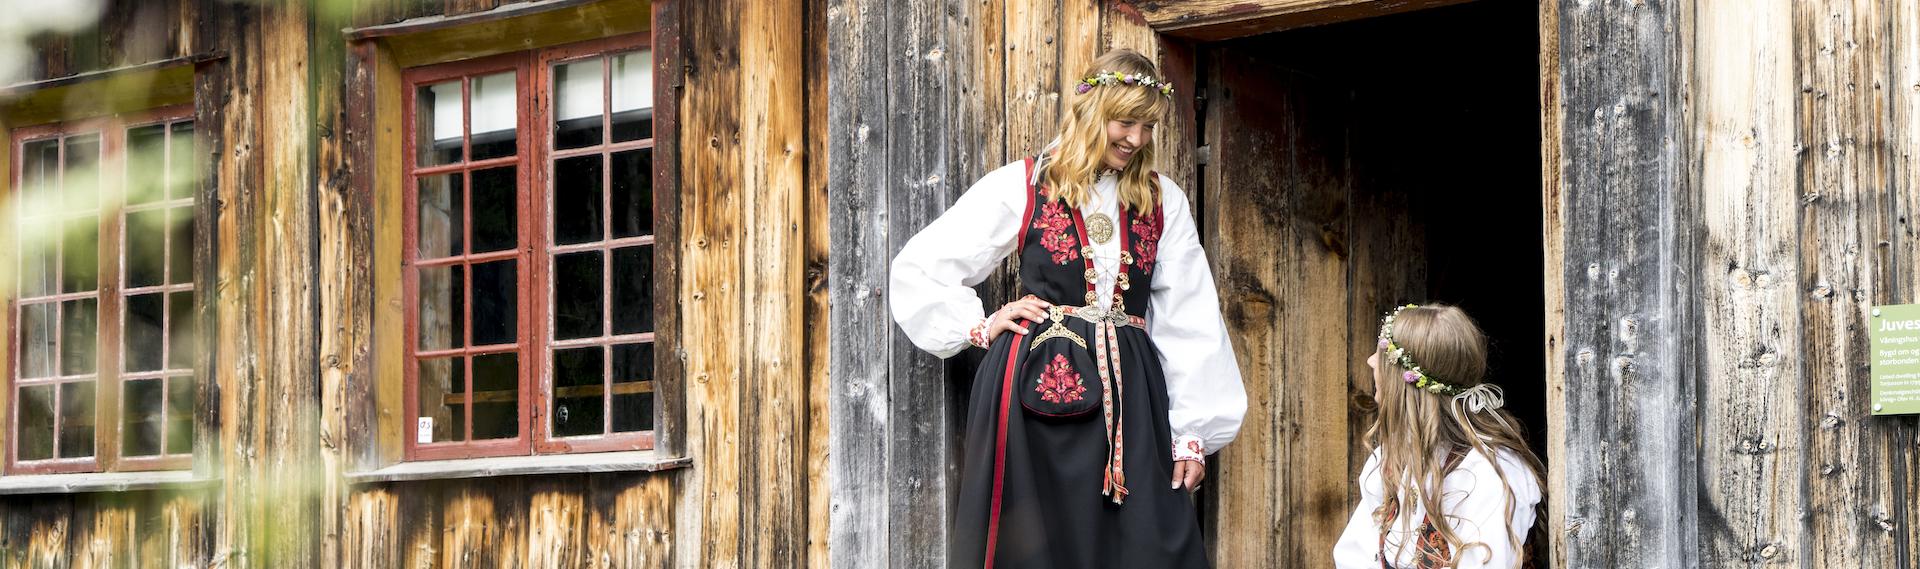 Historische Telemark